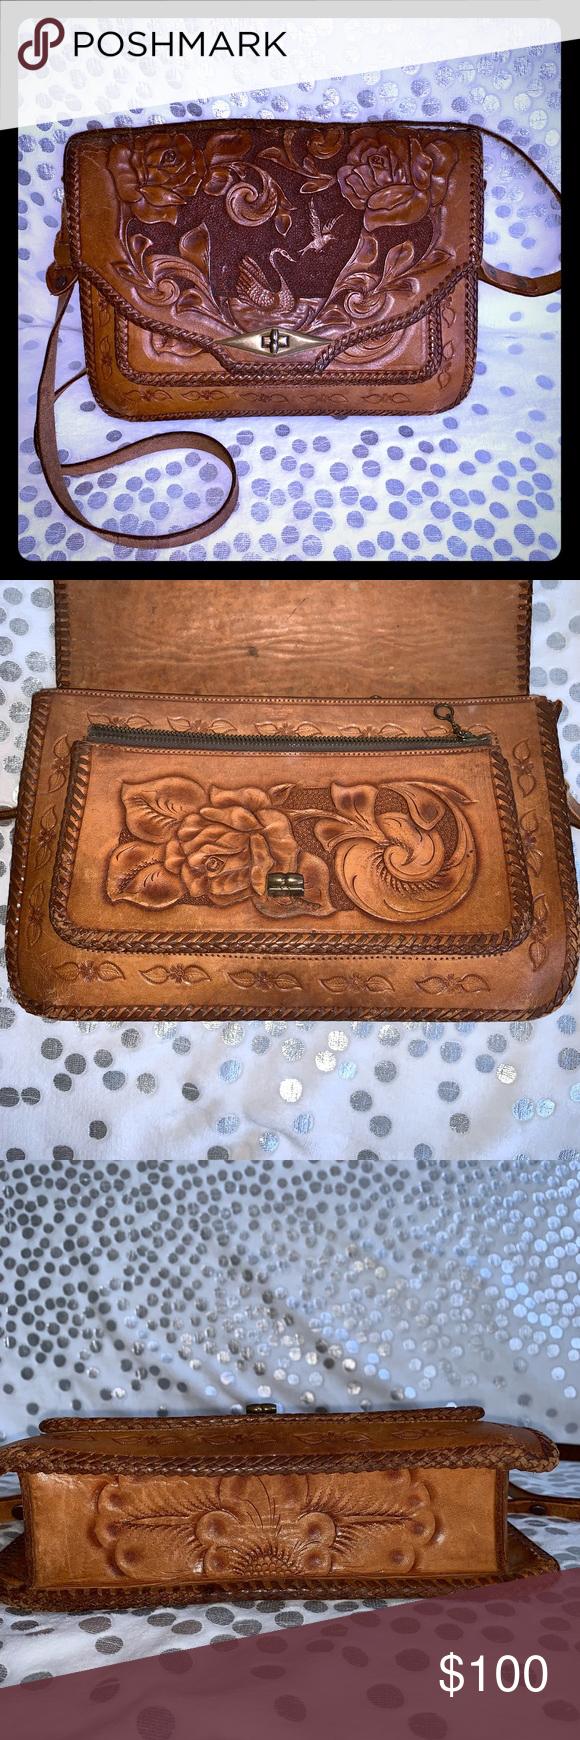 hand tooled beautiful leather bag Beautiful leather hand tooled bag no  brand Bags Crossbody Bags 64601e46ab